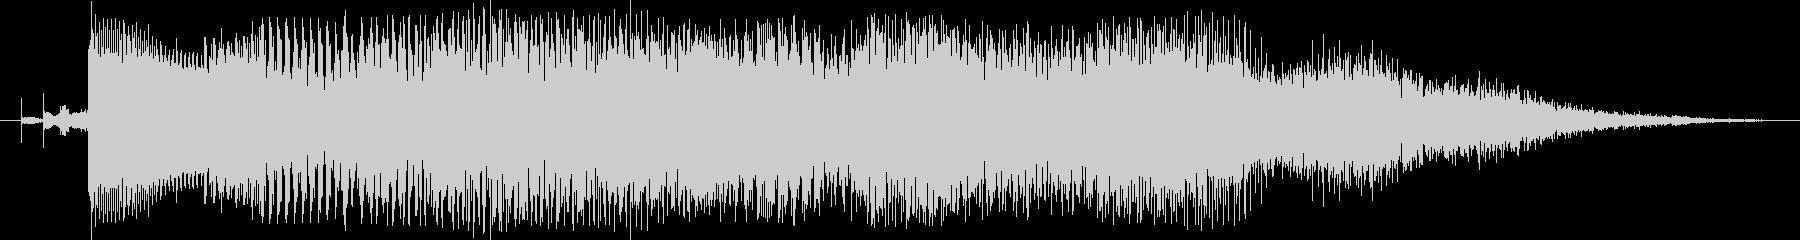 ジングル3 / エレピ / サウンドロゴの未再生の波形